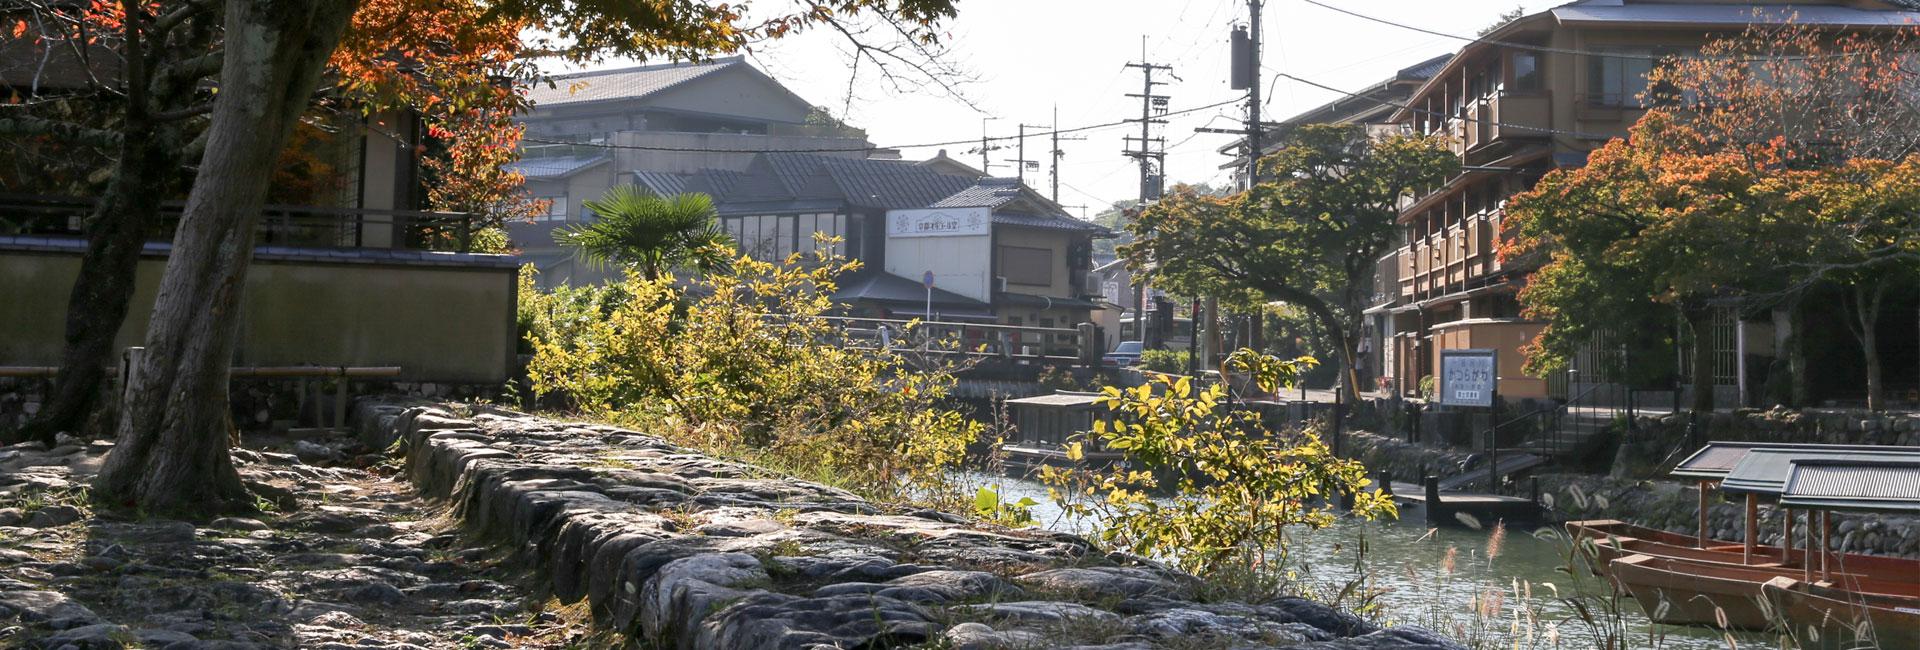 大阪駅から嵯峨嵐山駅への行き方・アクセス